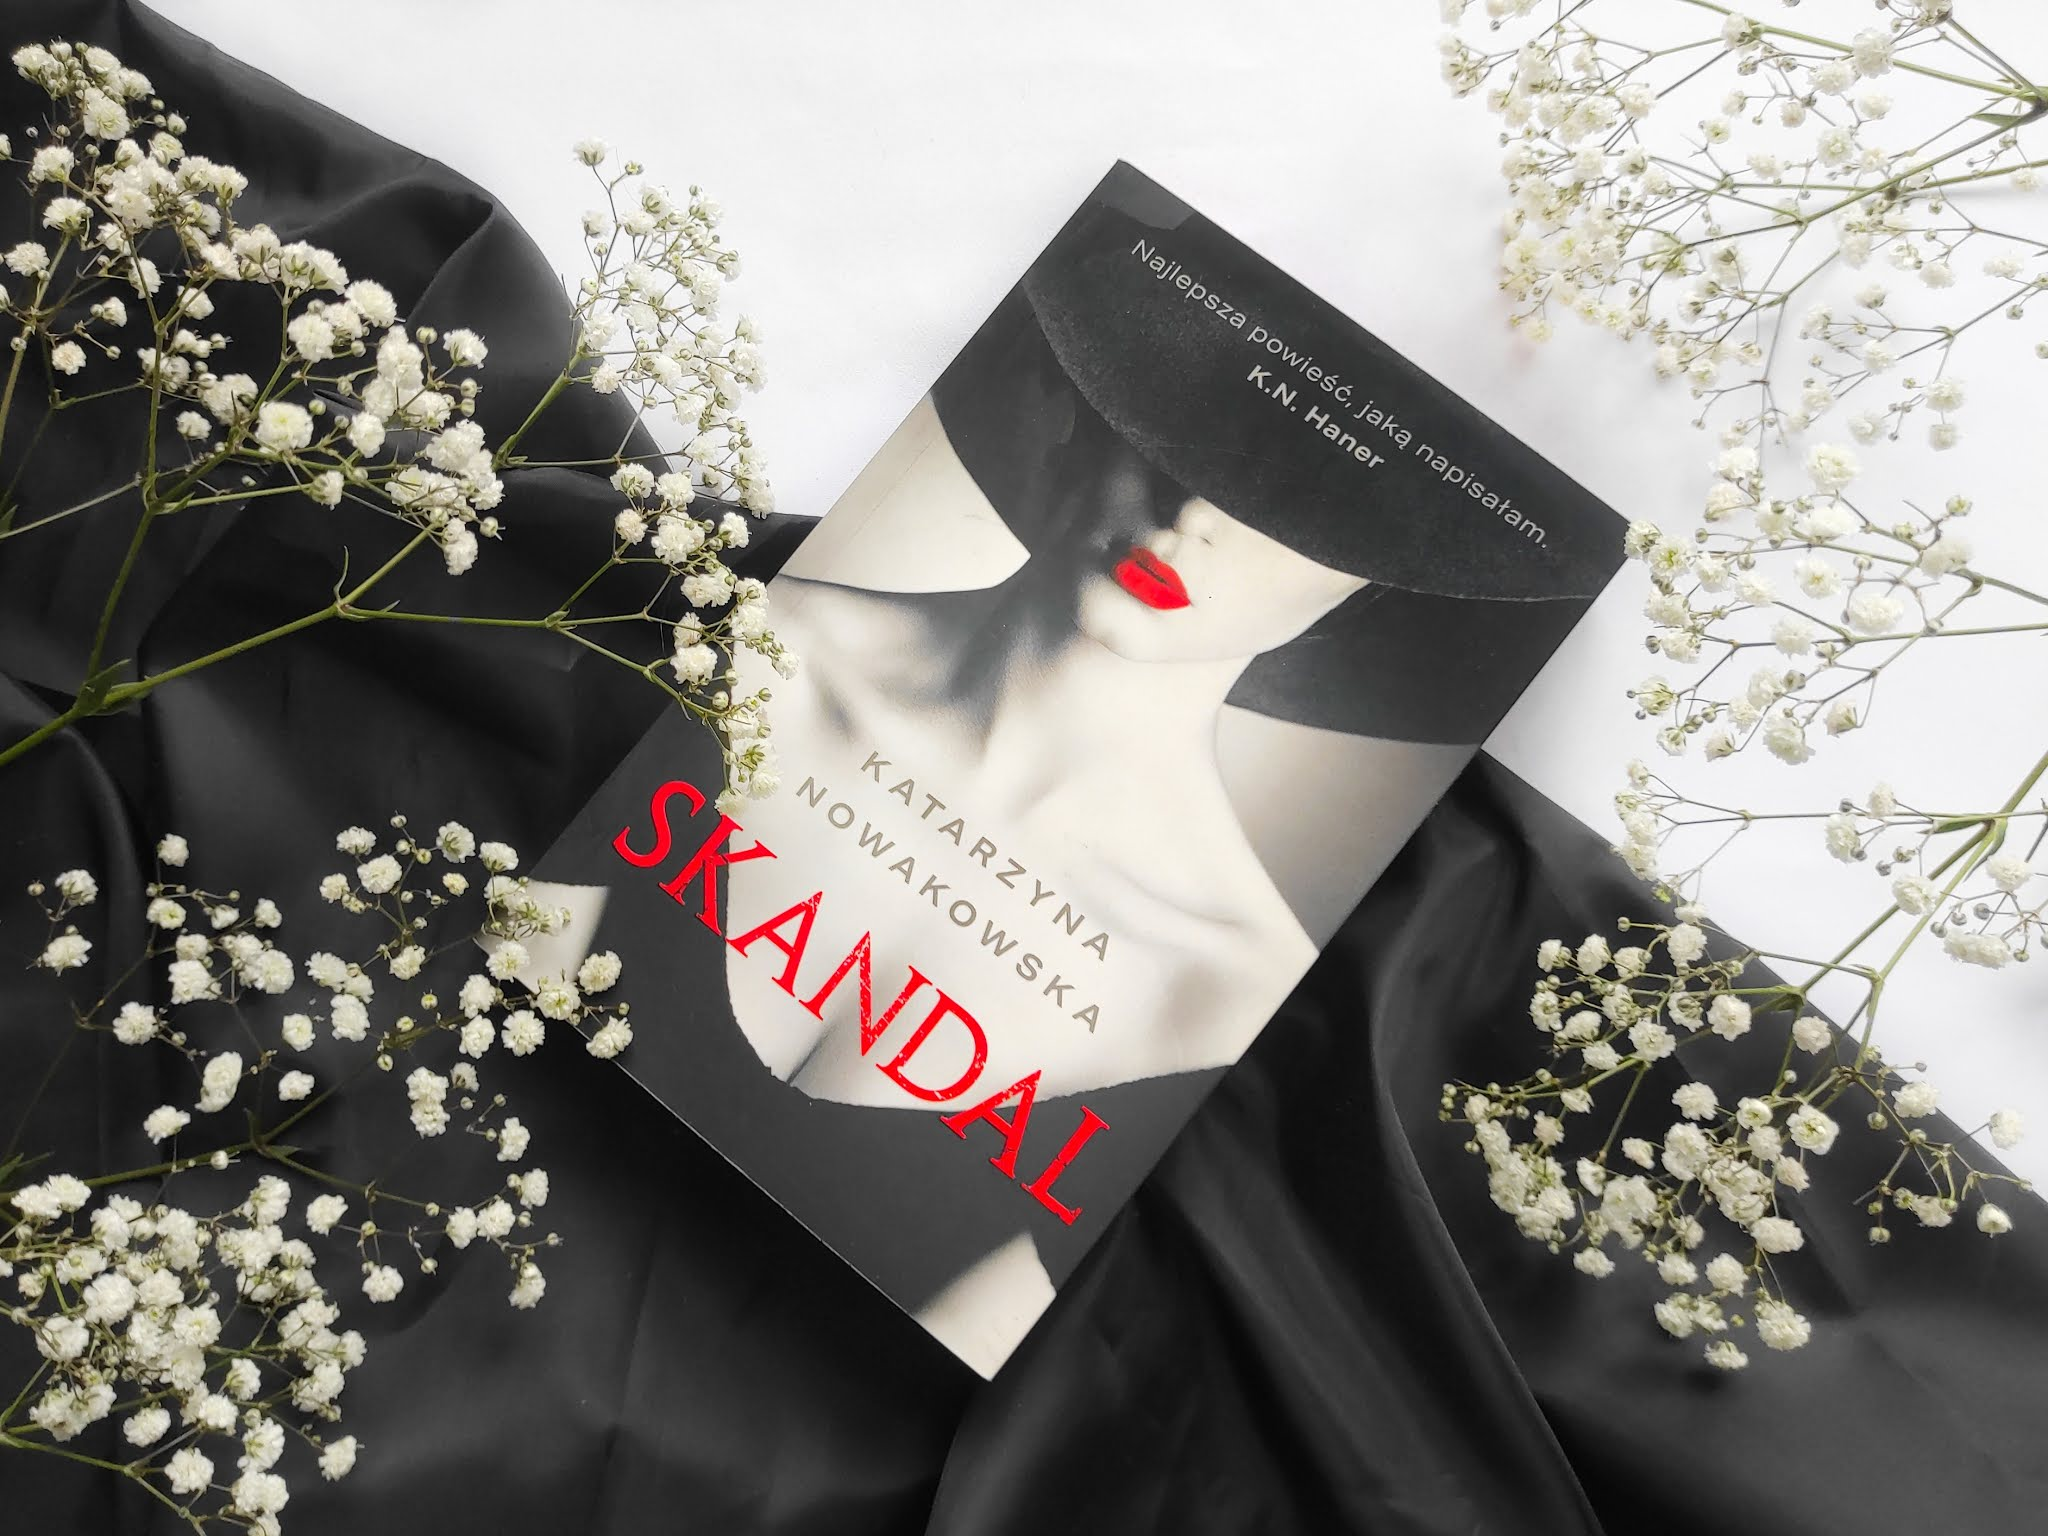 Skandal opinie o książce